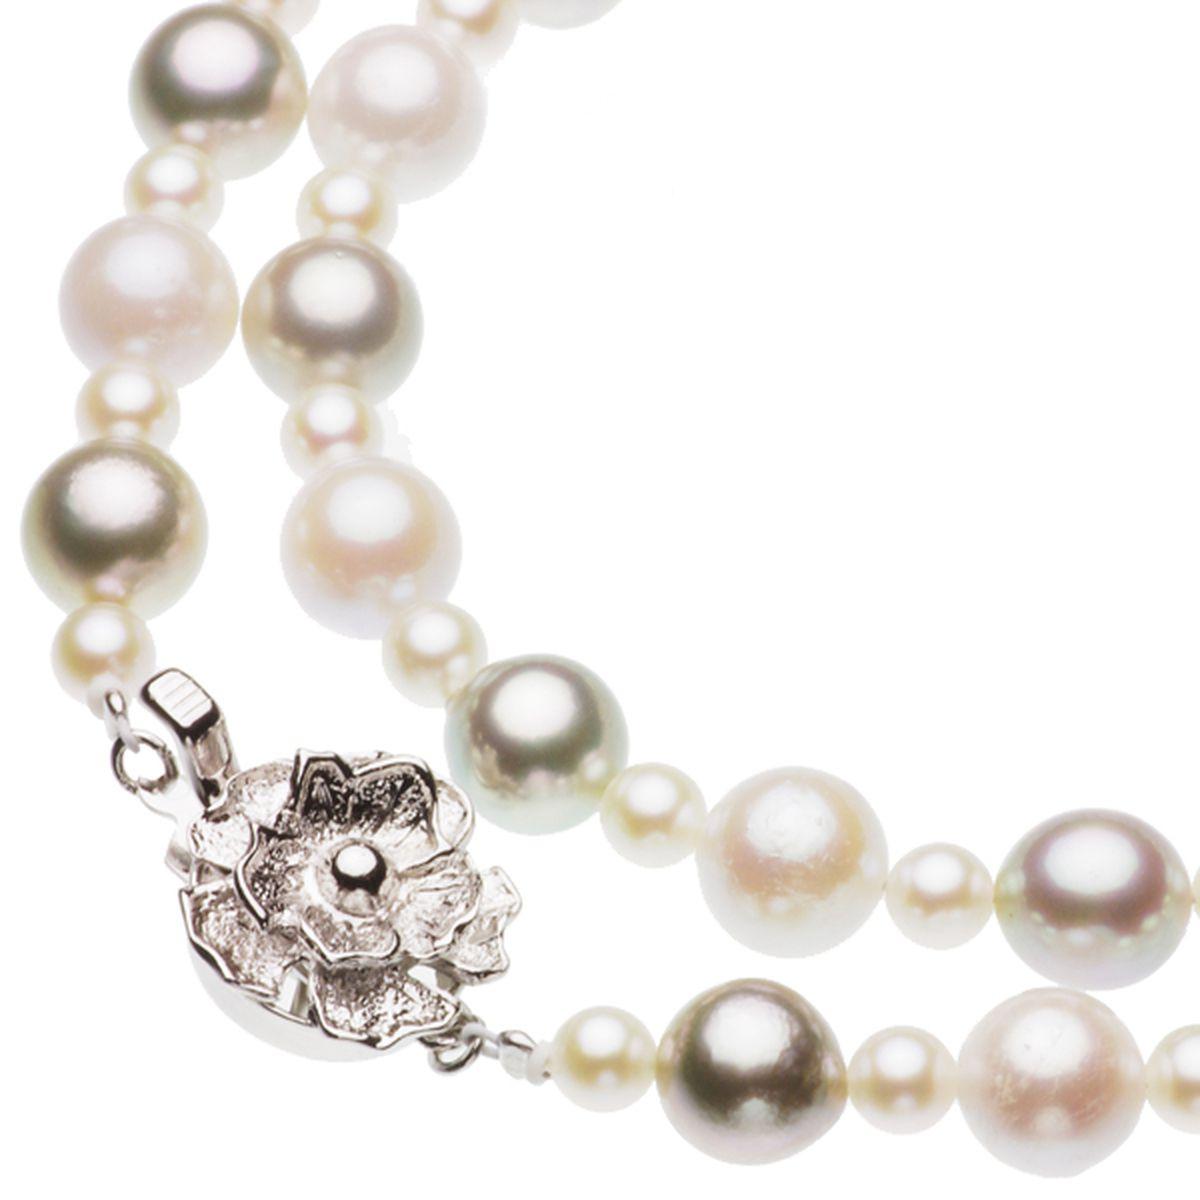 アコヤ真珠オリジナルデザインネックレス 約4.0-7.5mmの写真